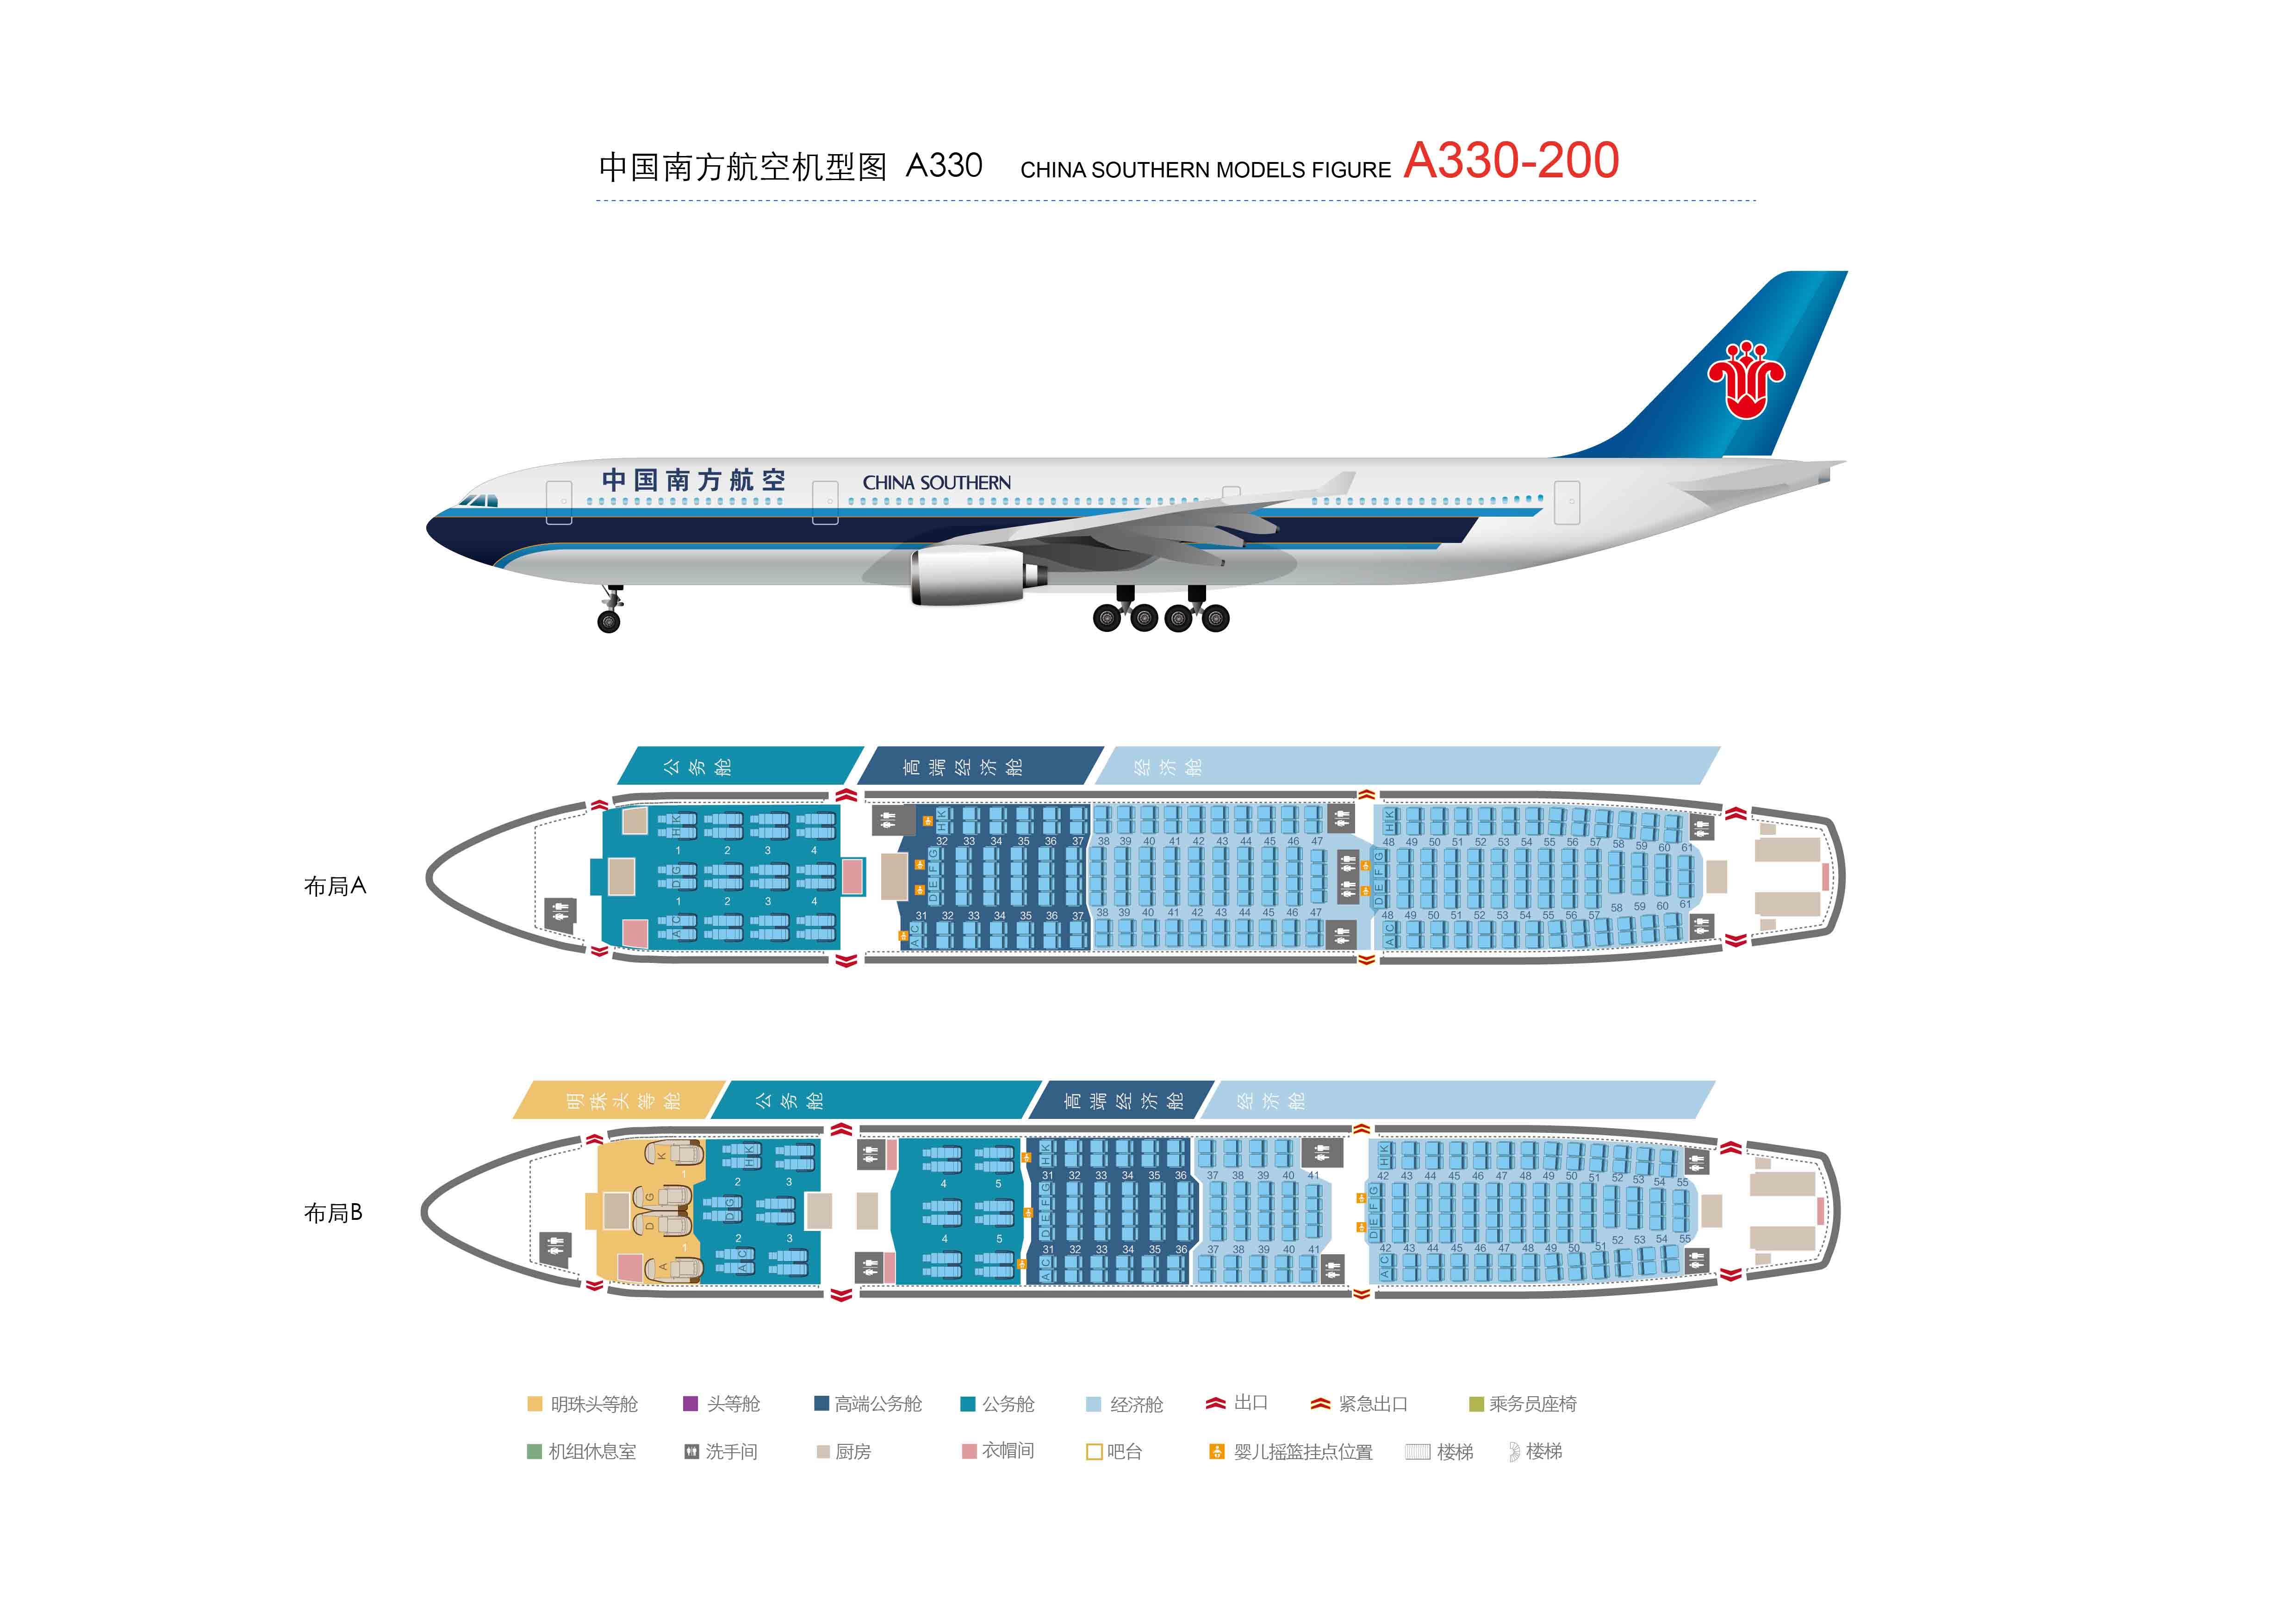 南航 空客330 42k 42h是第几排座位?图片